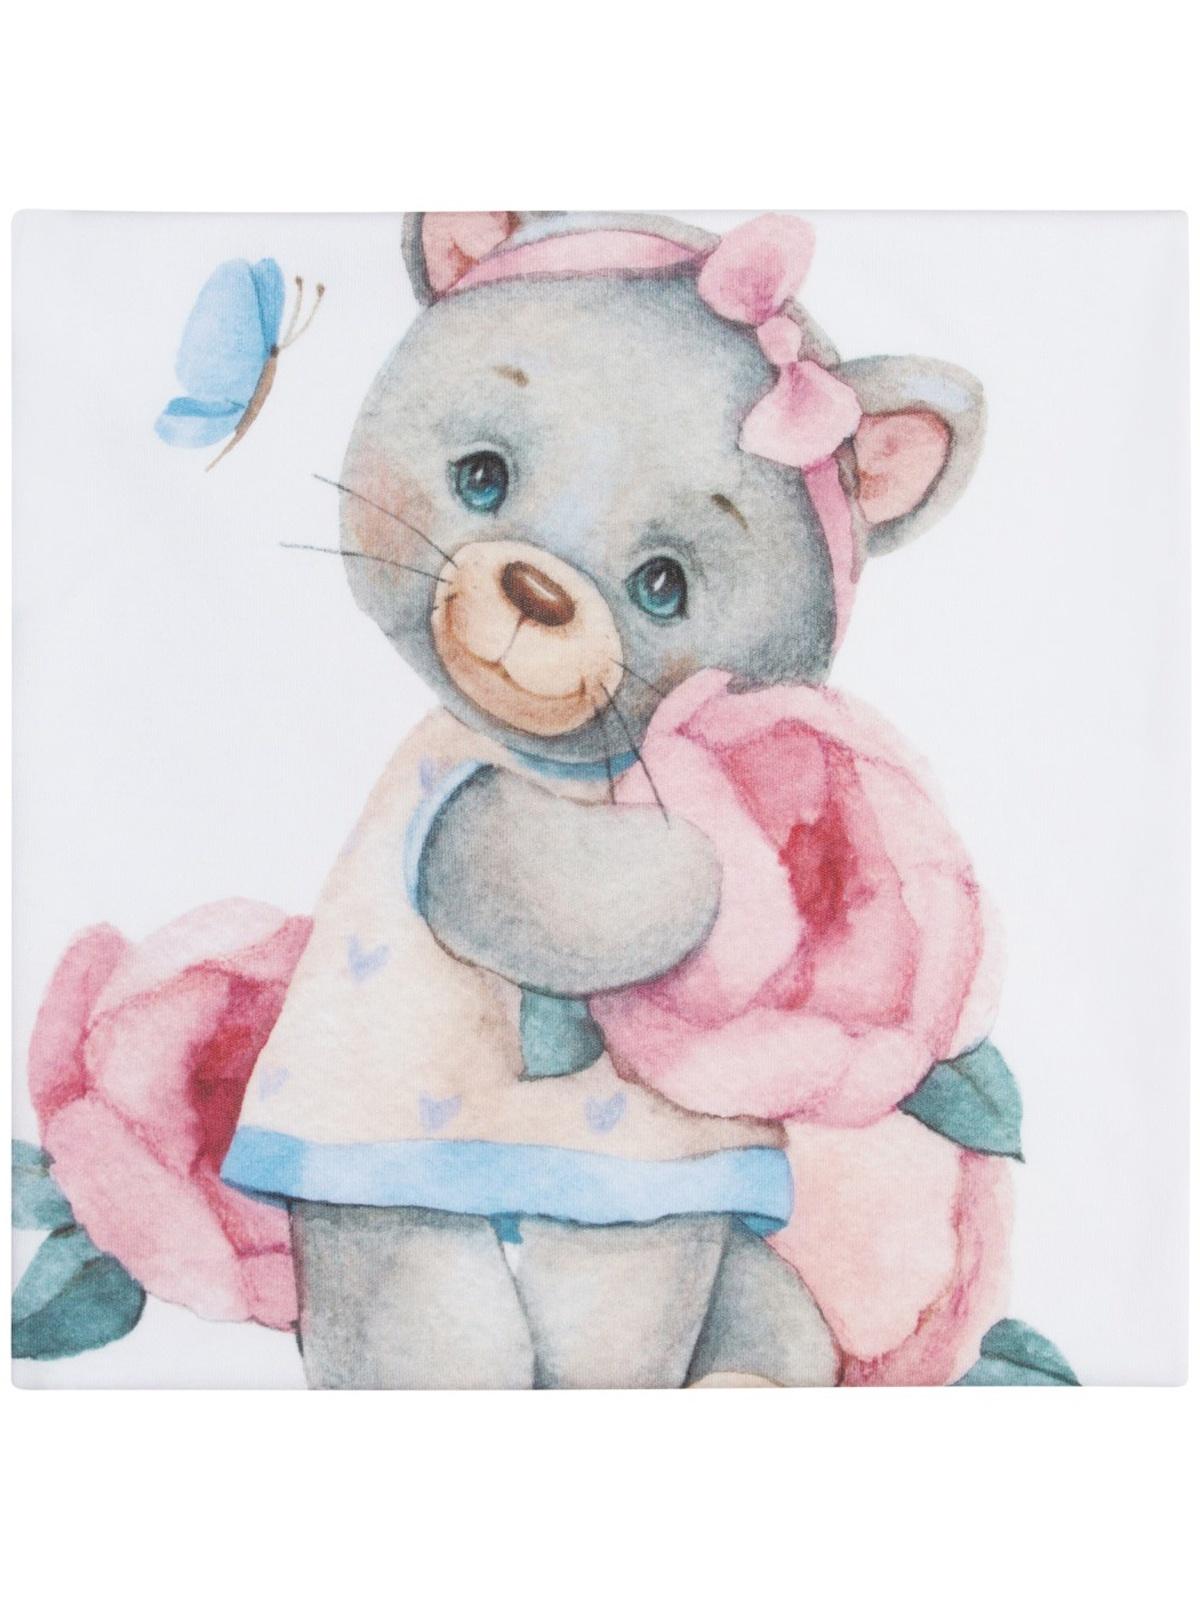 Пеленка текстильная Luxury Baby Трикотажная пеленка Милая киска